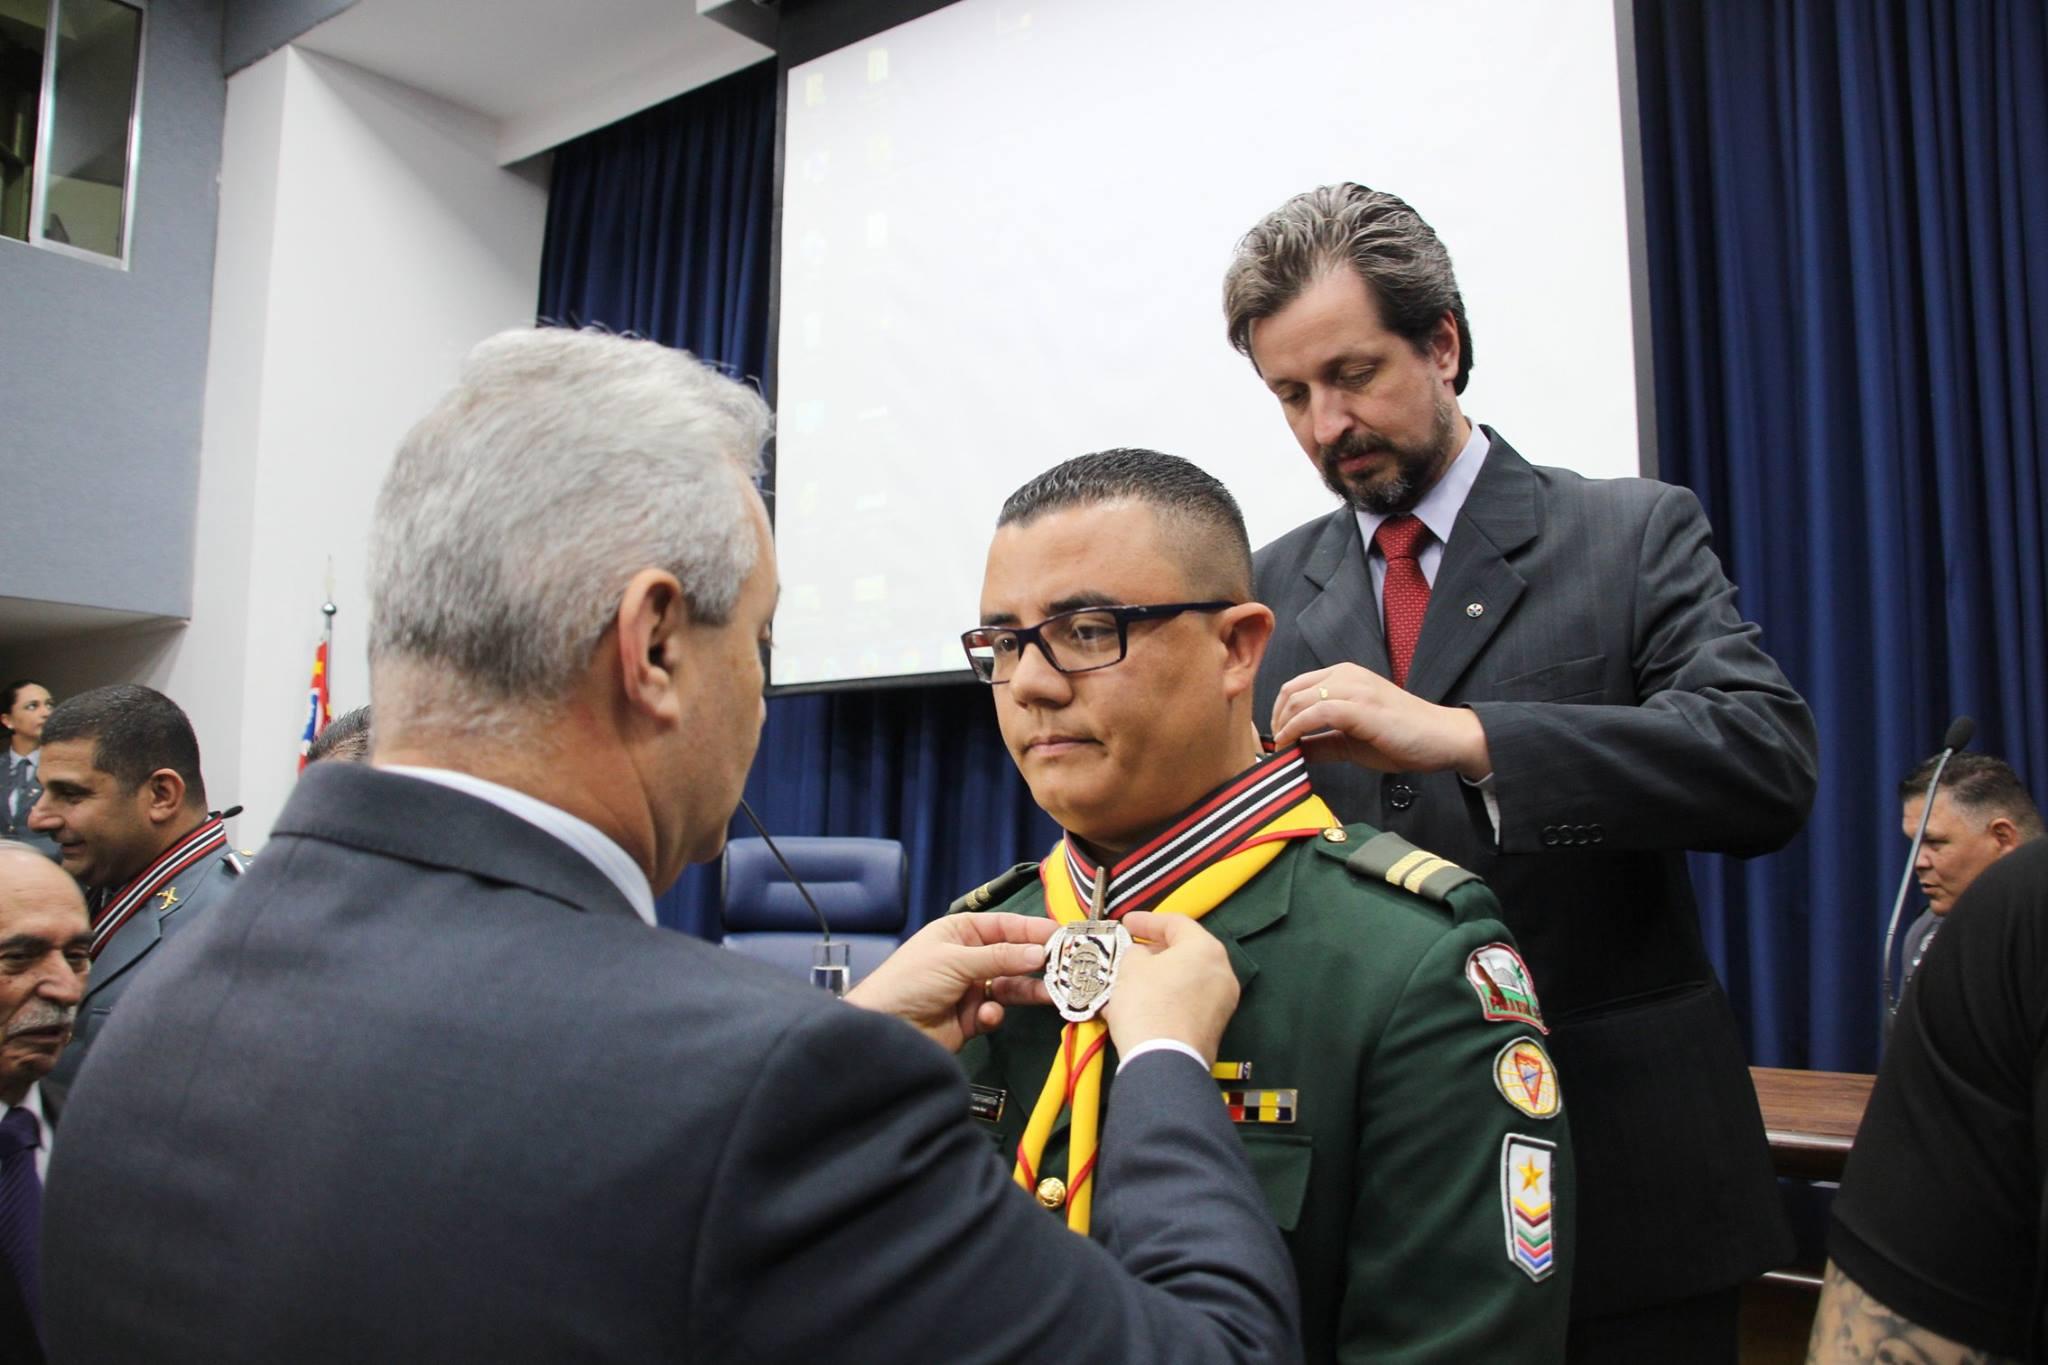 Pastor é condecorado com medalha entregue pelo Coronel Paulo Telhada. (Crédito: Roberto Oliveira)